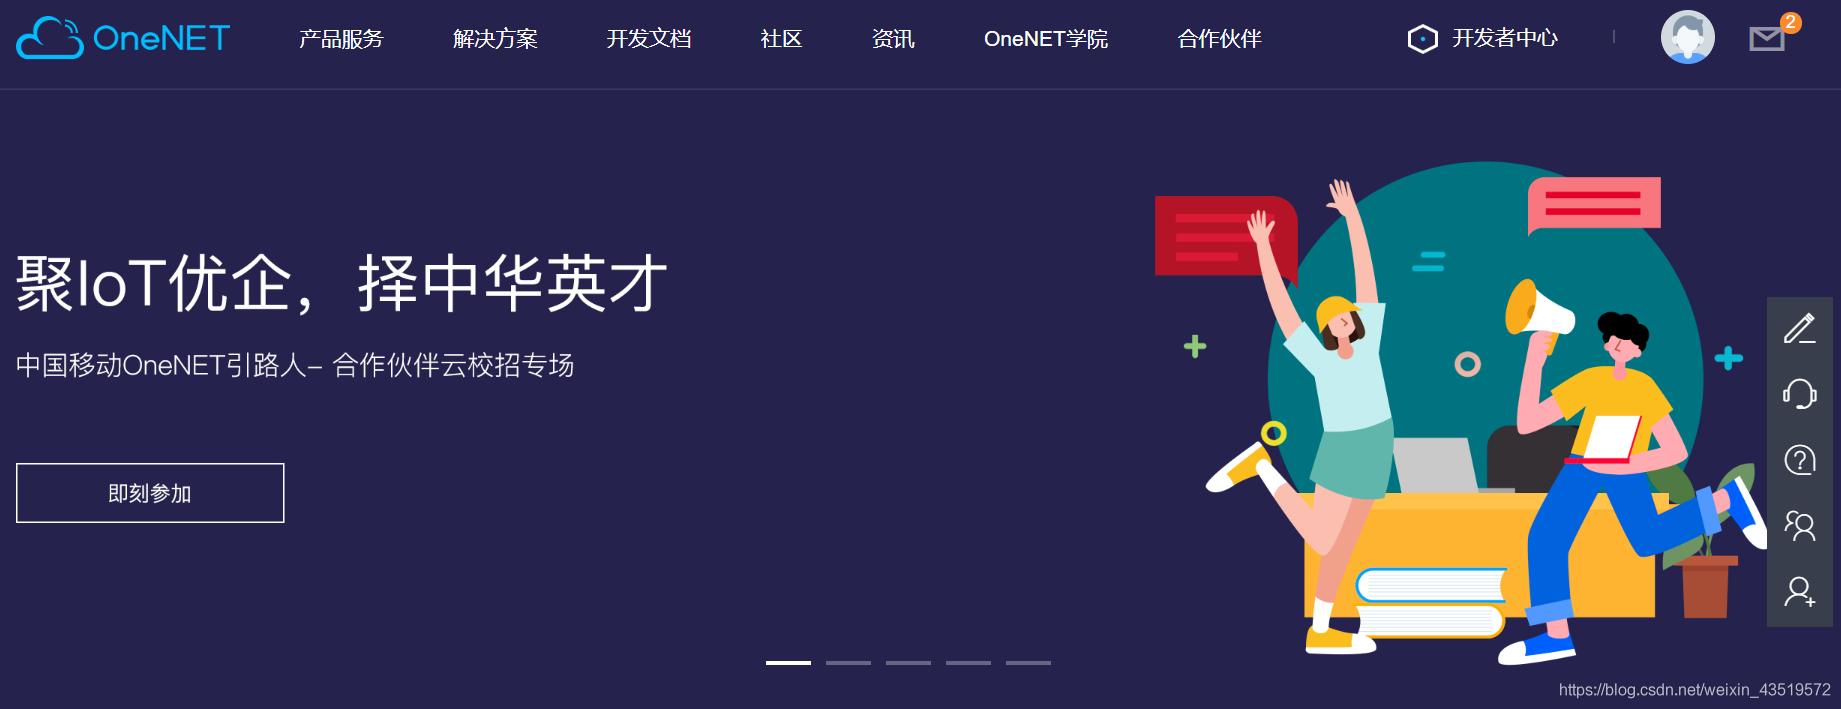 利用OneNET实现SIM868使用HTTP协议给服务器发送数据并显示kaneki的博客-